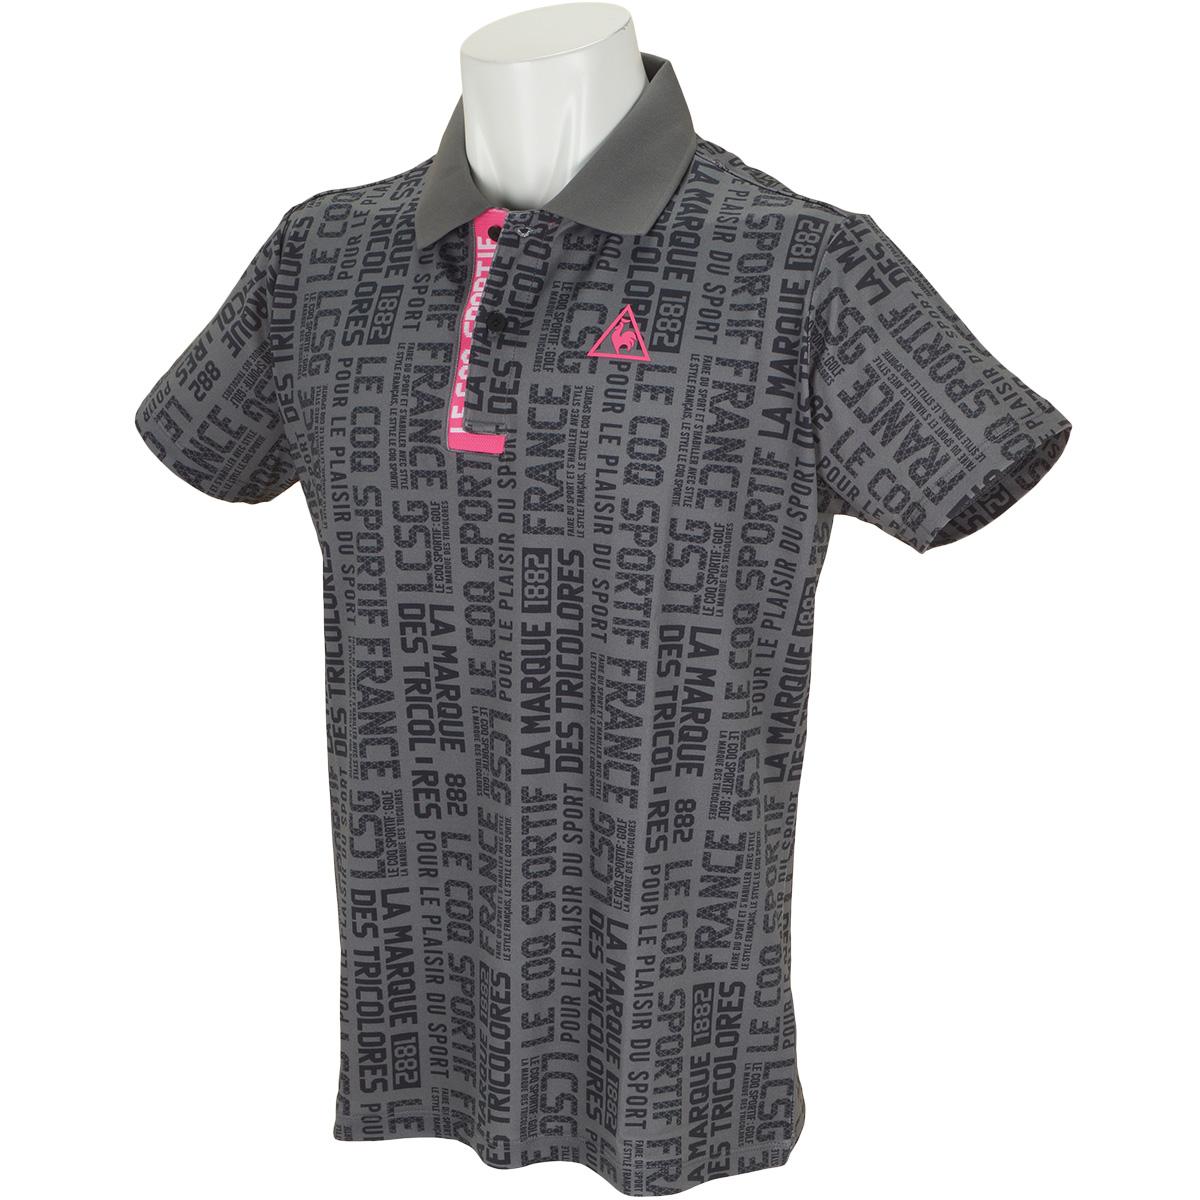 スローガンタイポプリント半袖ポロシャツ